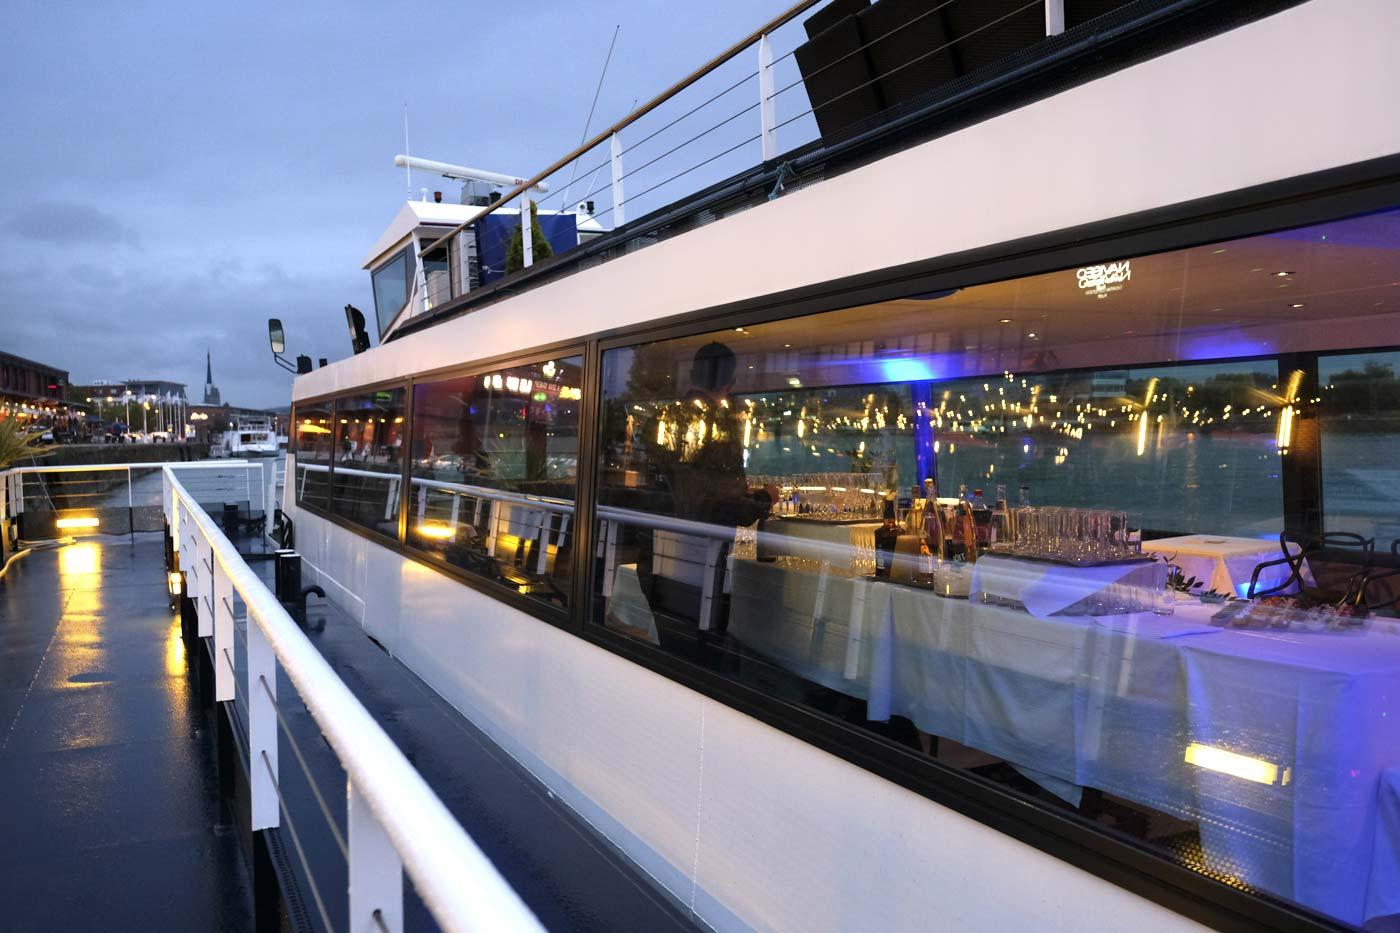 evenement-soiree-bateau-bodega-rouen